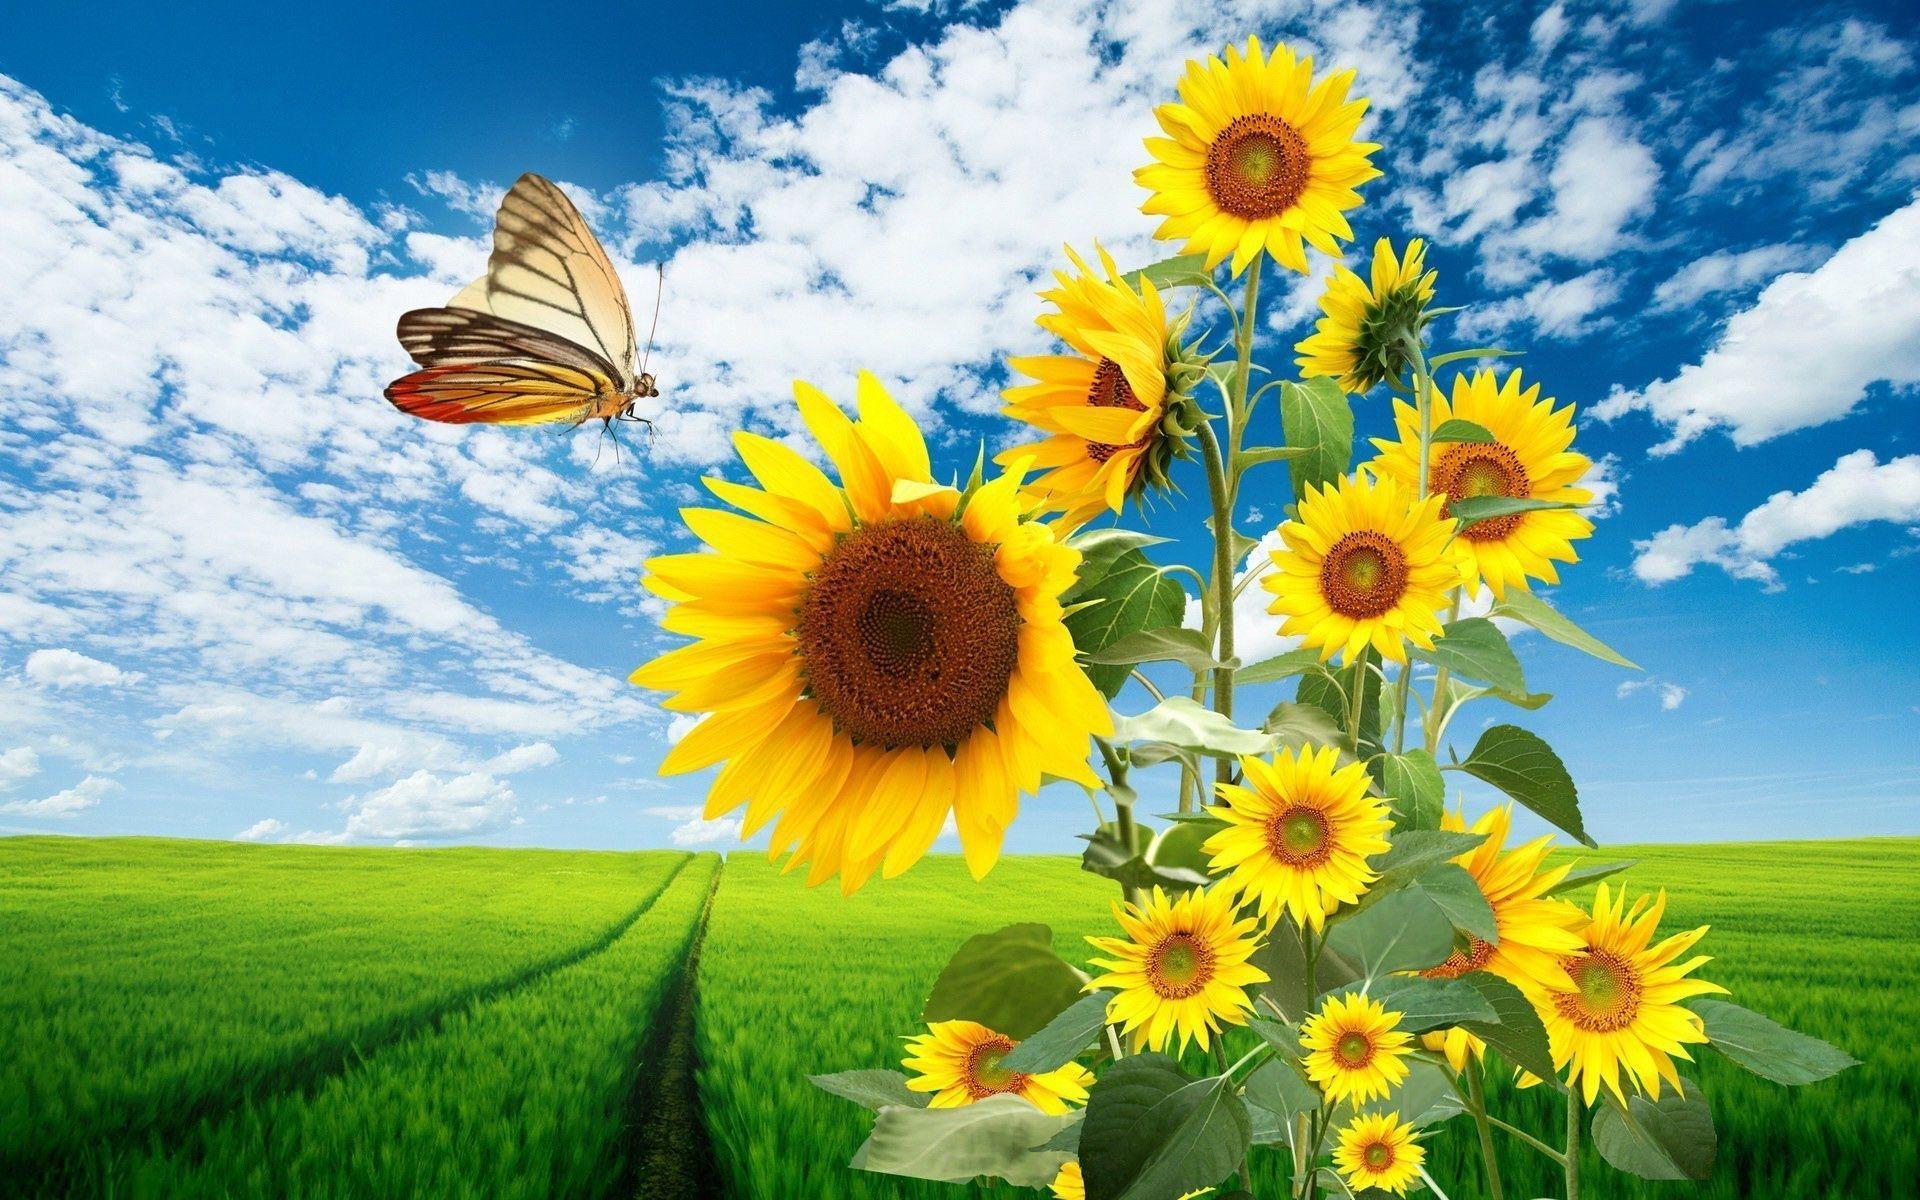 3d Sunflower Wallpapers For Desktop - Wallpaper Cave